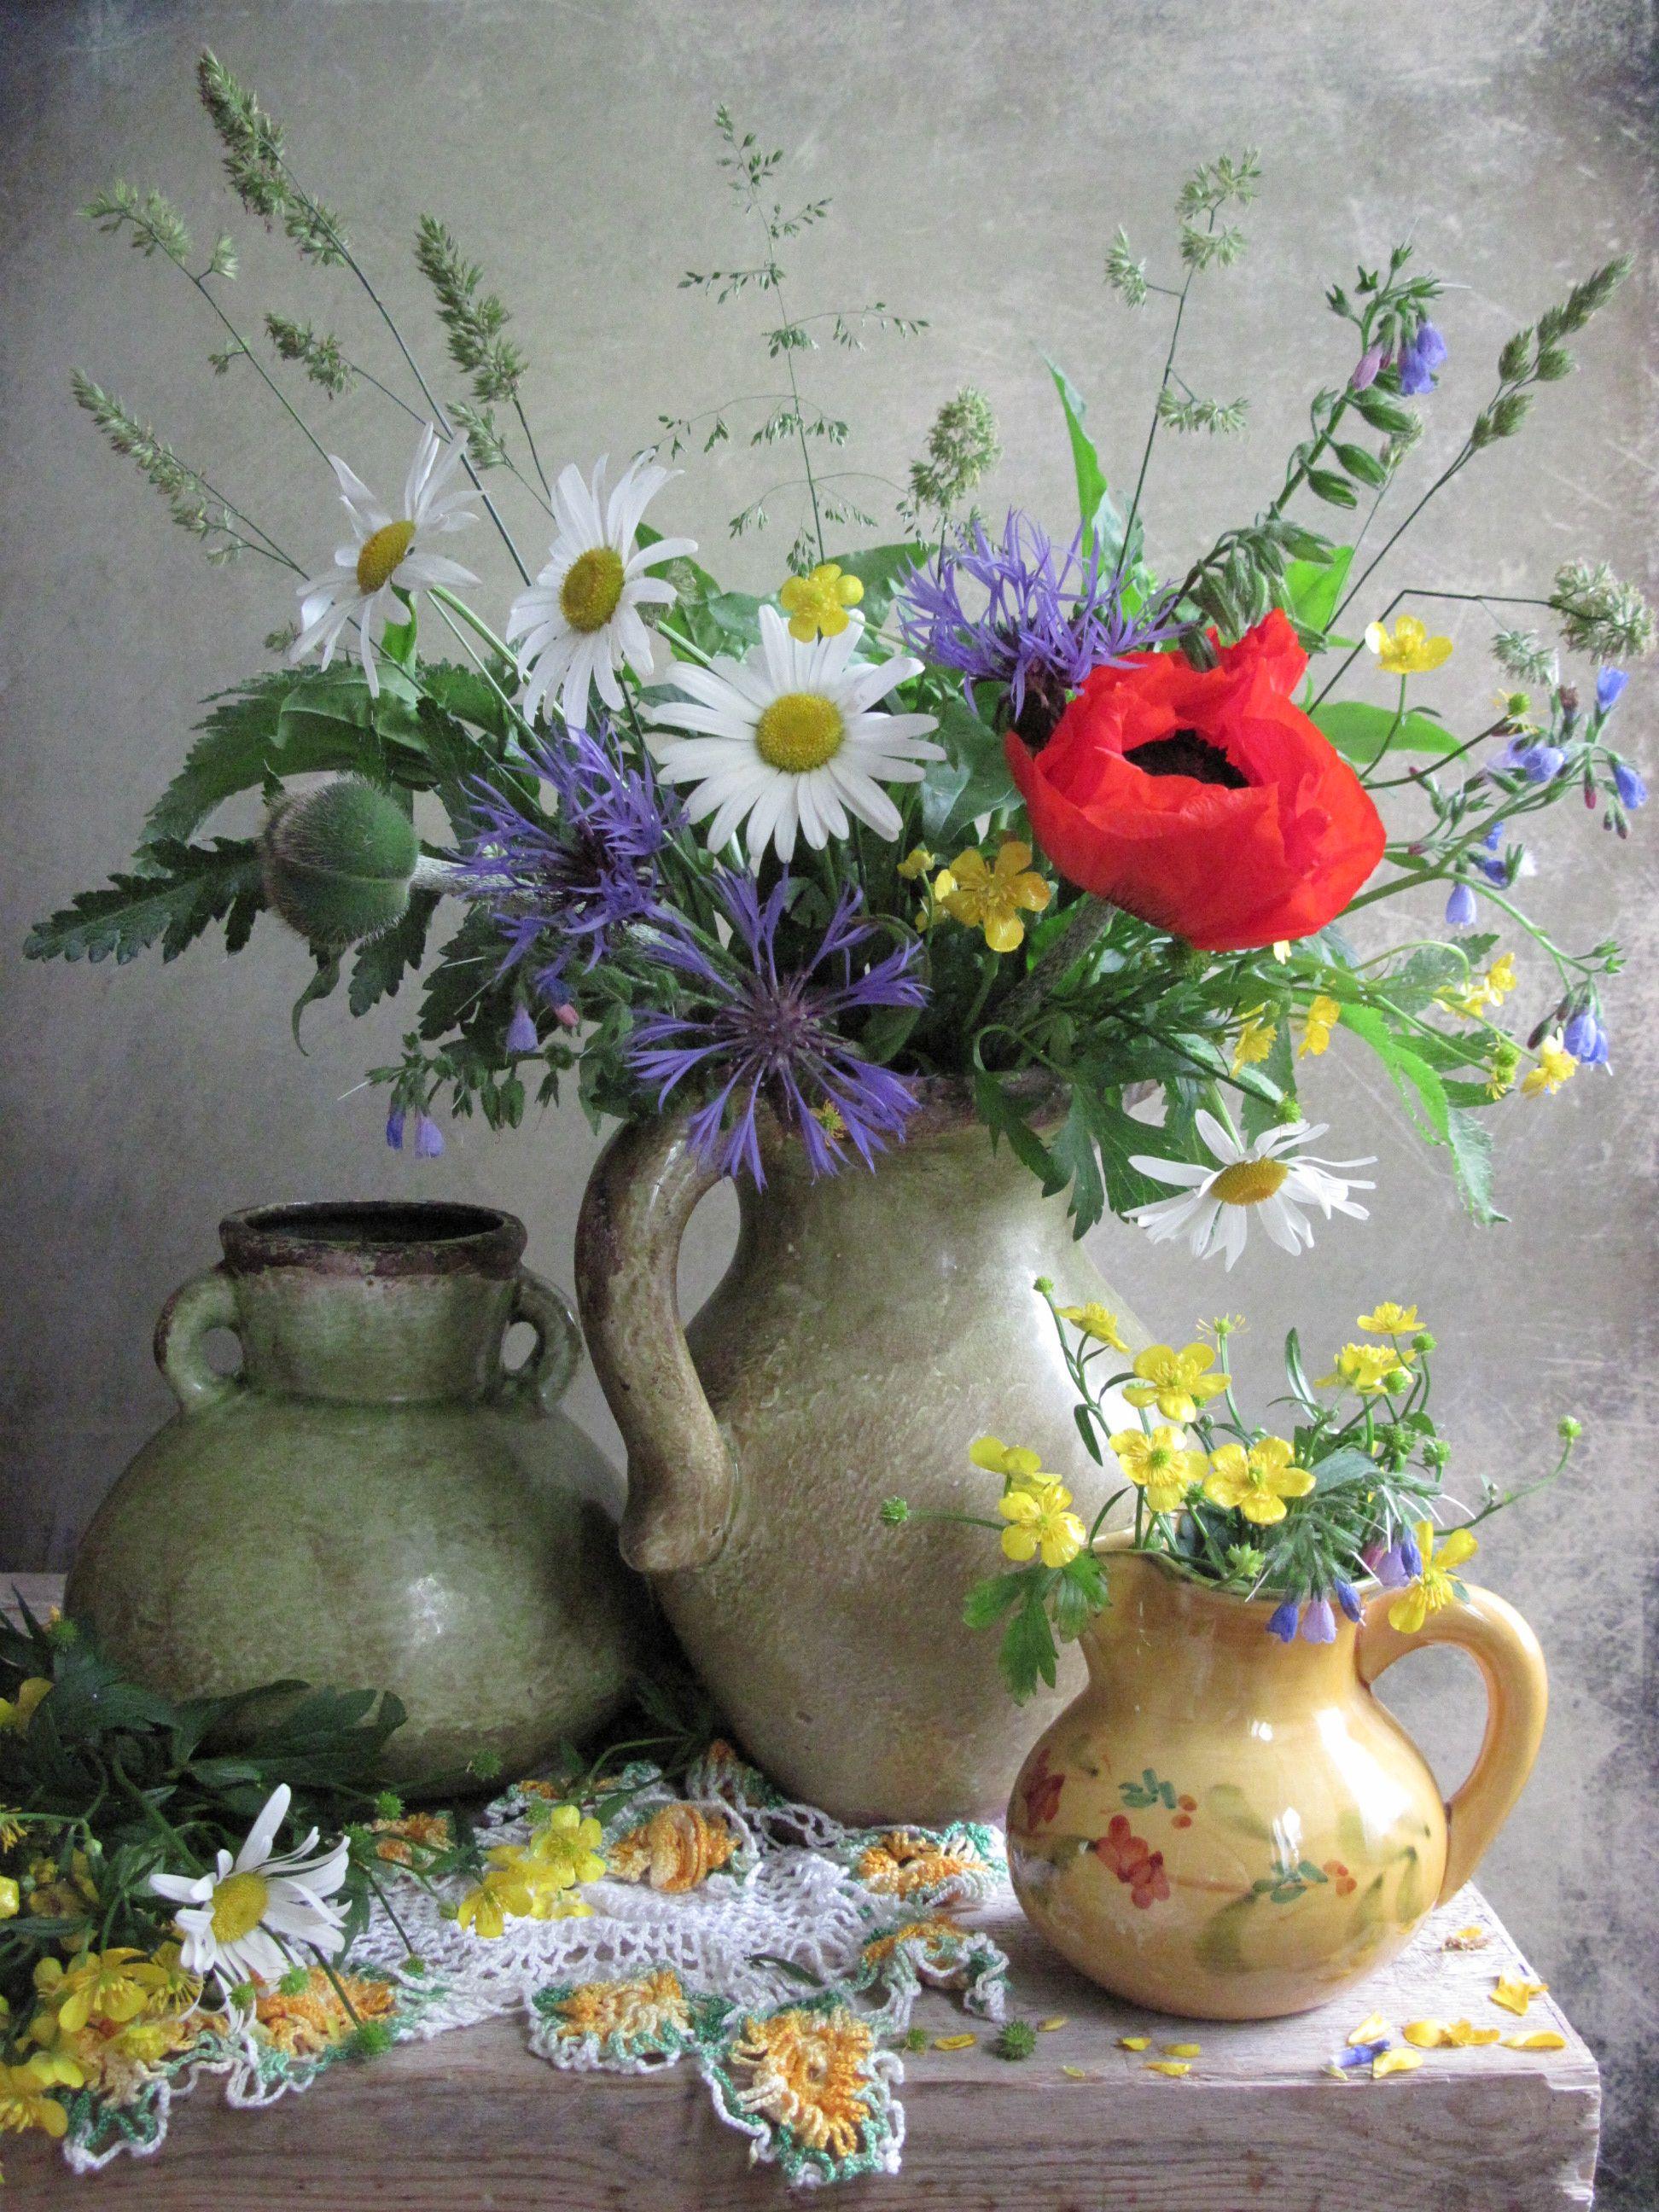 цветы. букет, ромашки, васильки, мак. лютики, кувшины, керамика, Тихомирова Наталия